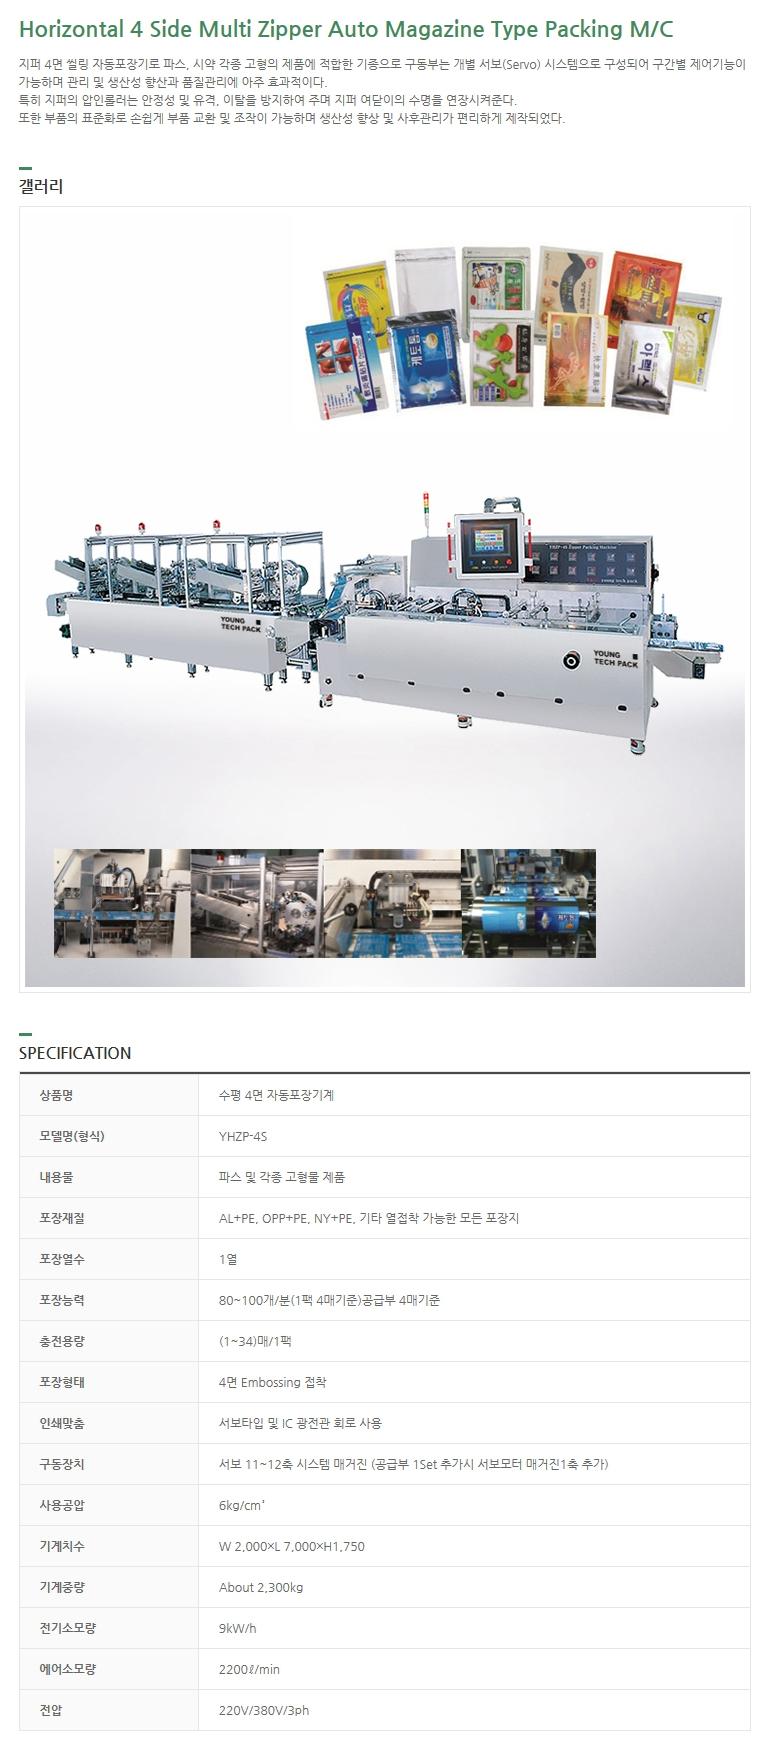 (주)영테크팩 지퍼팩 수평 4면 자동포장기계 YHZP-4S 1